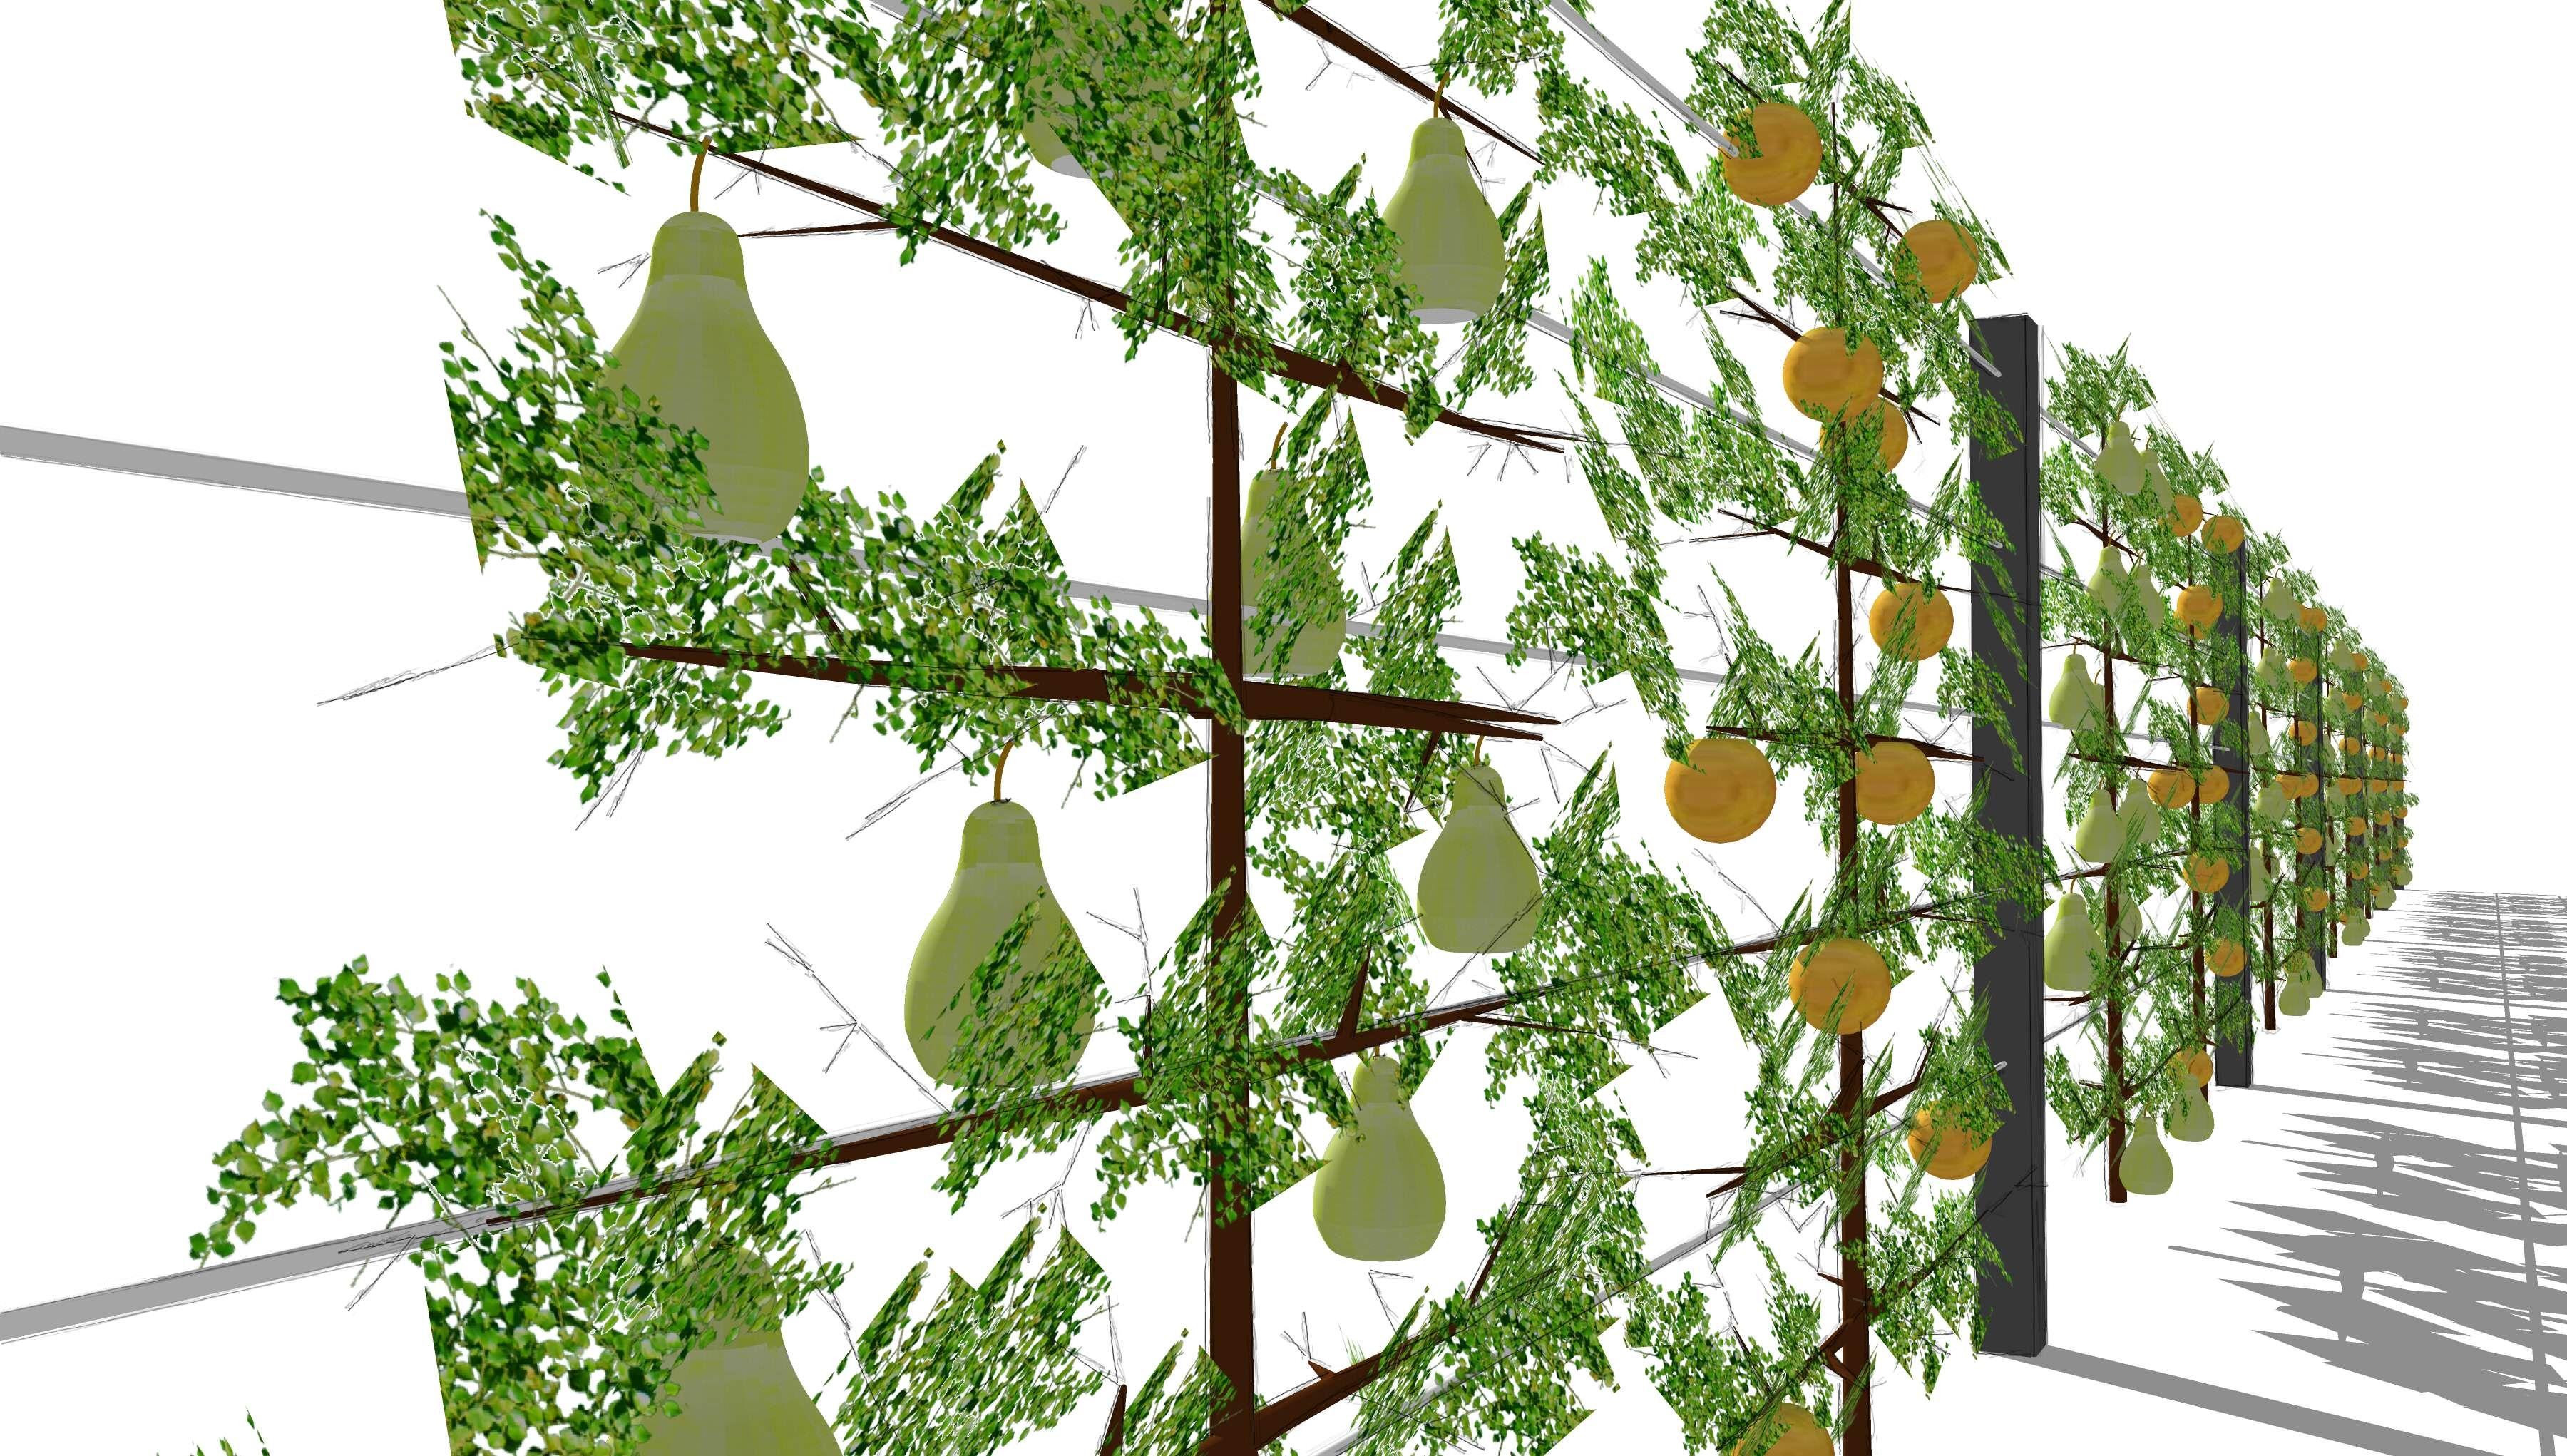 Sichtschutz Mit Spalierobst Aluminiumpfosten Und Edelstahlseilen